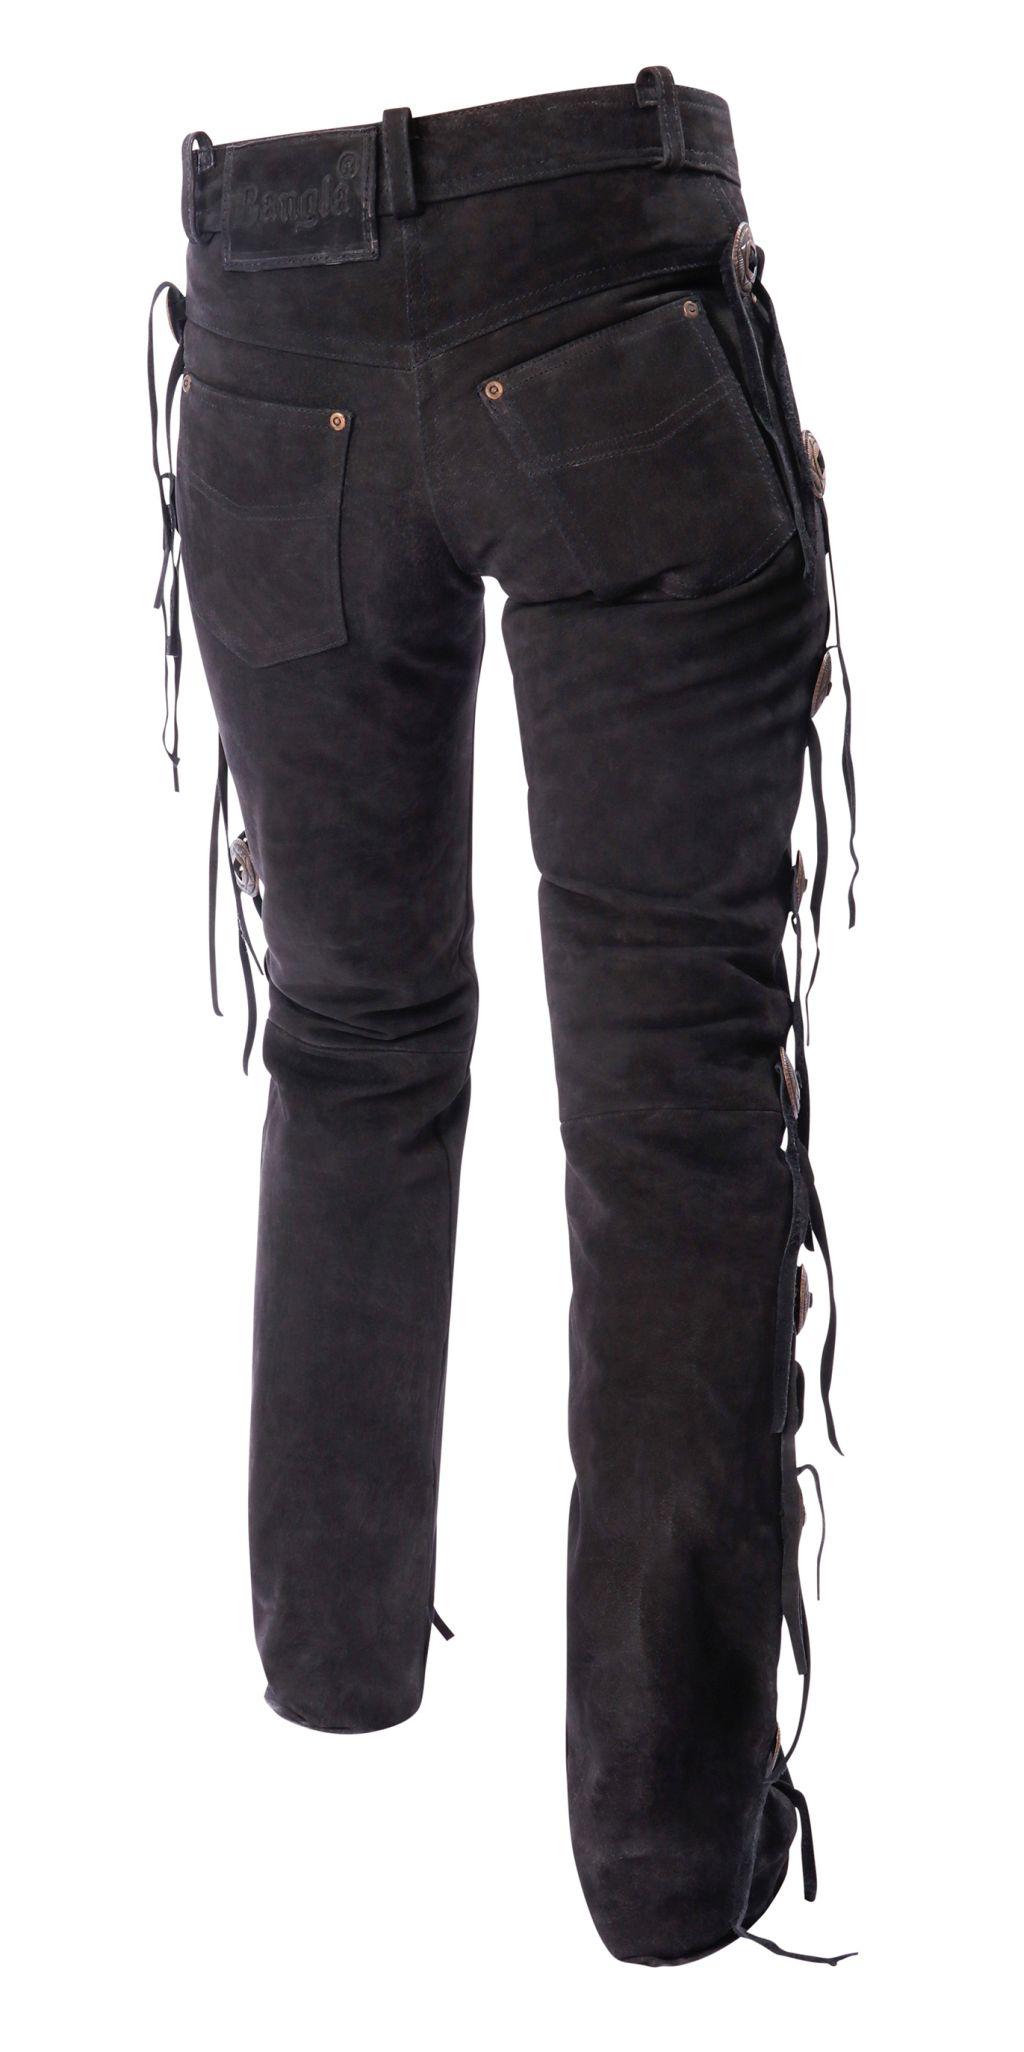 nubuk jeans concho jeans leder hose western motorrad. Black Bedroom Furniture Sets. Home Design Ideas